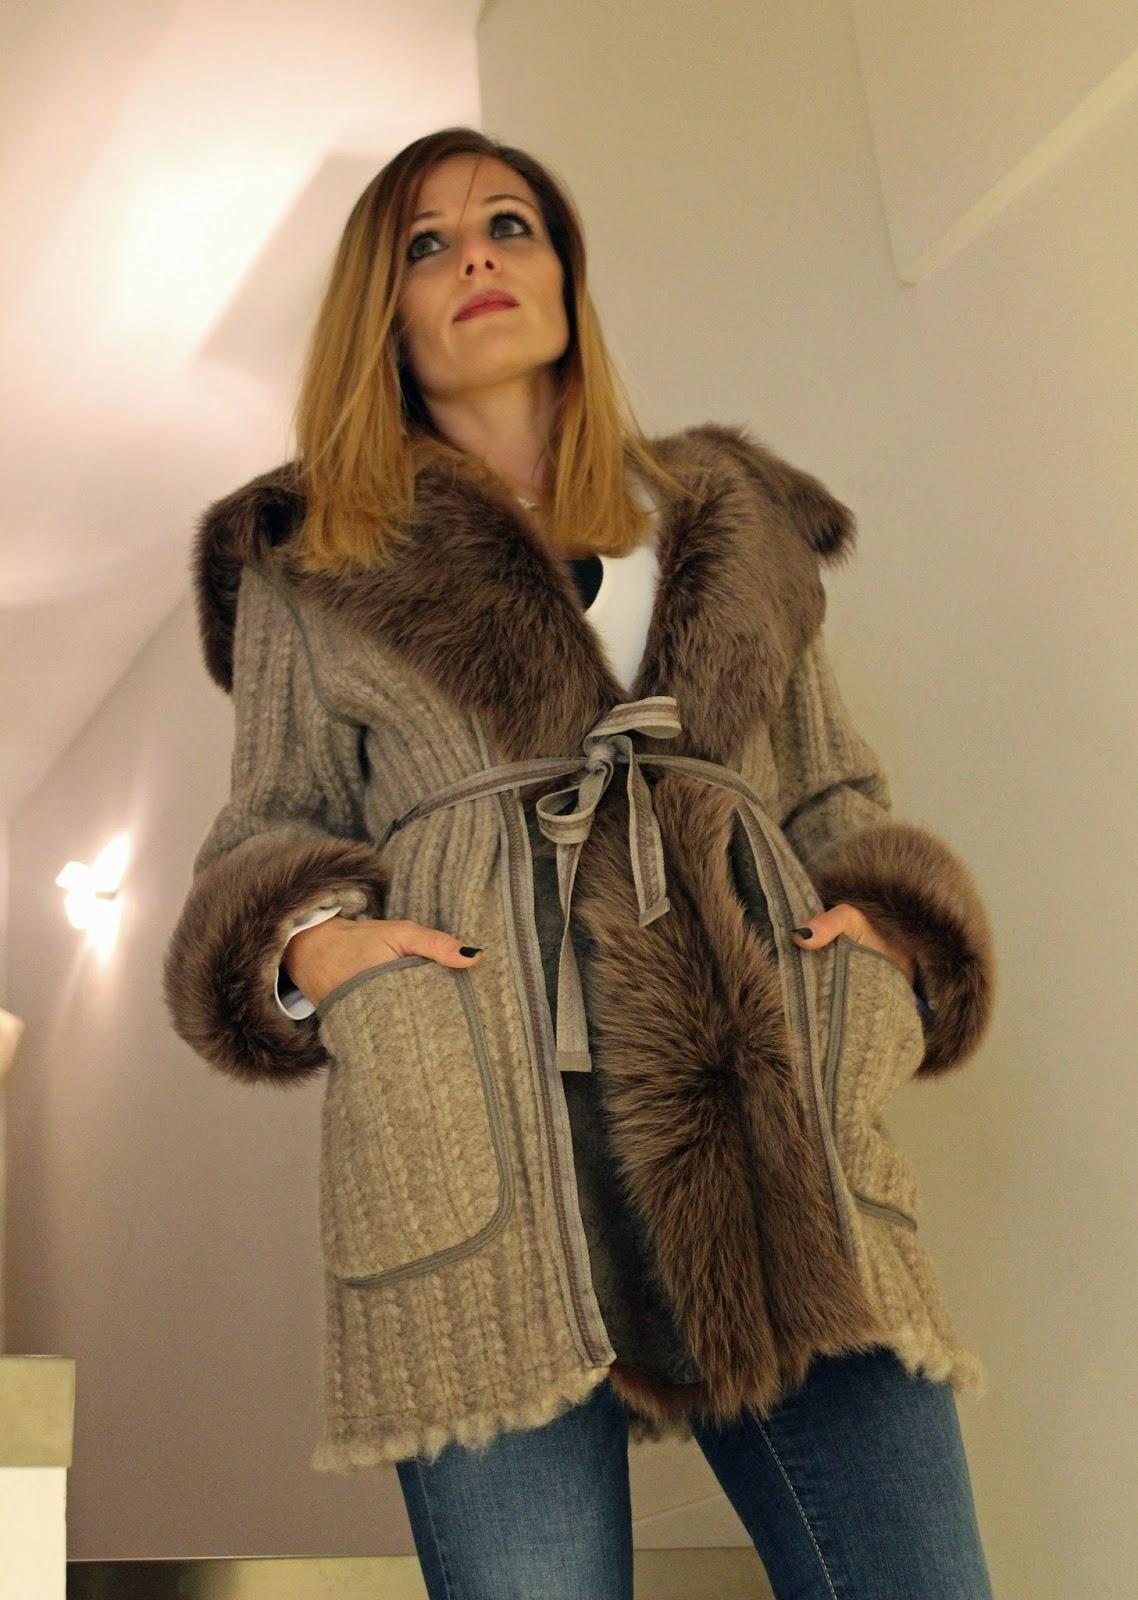 Eniwhere Fashion - Naoni Pellicce - Montone con cappuccio